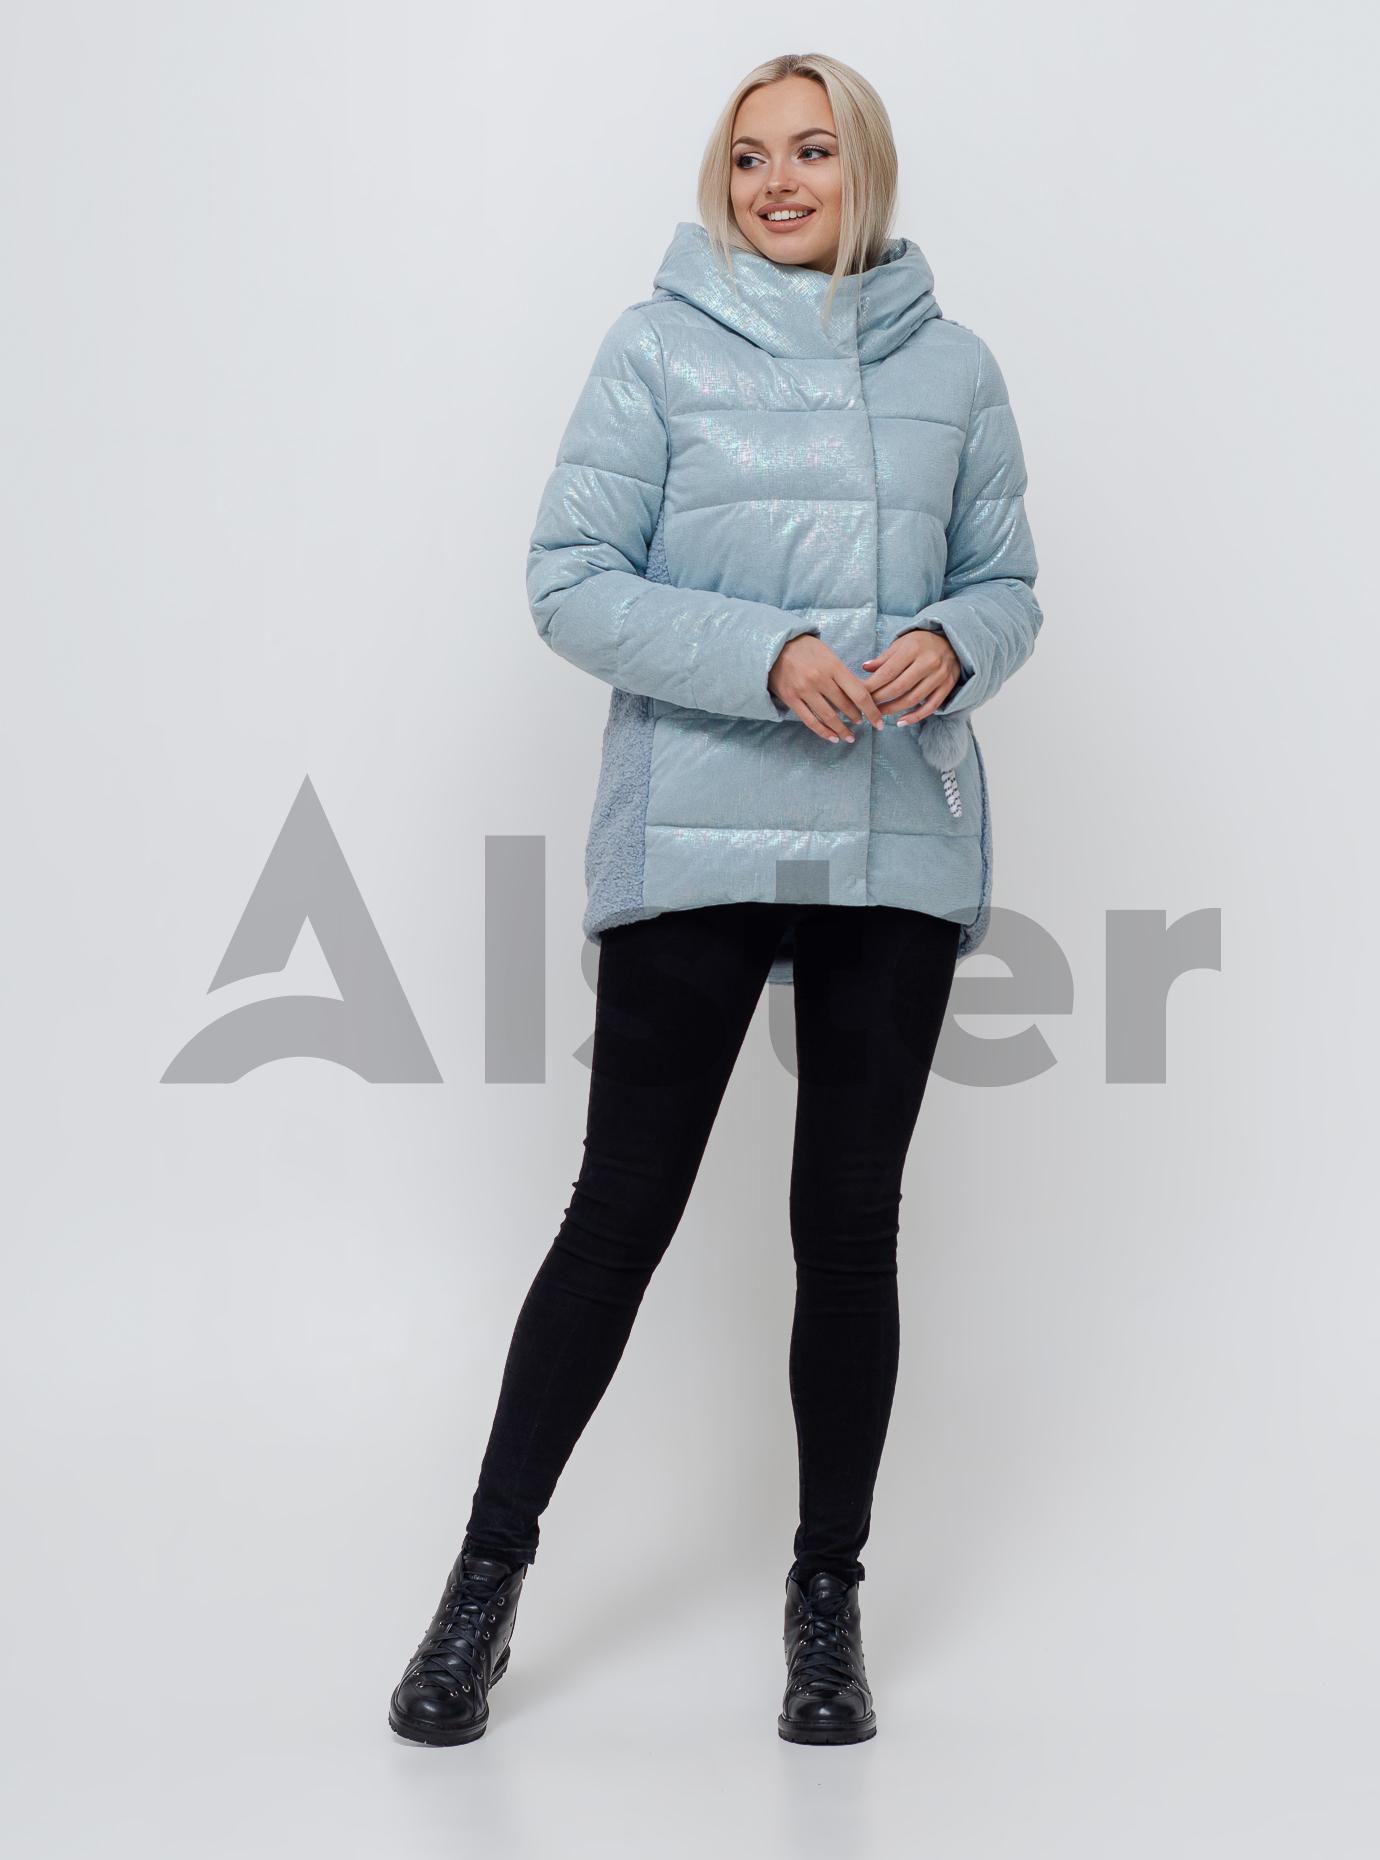 Куртка жіноча зимова Світло-блакитний S (05-SV201064): фото - Alster.ua